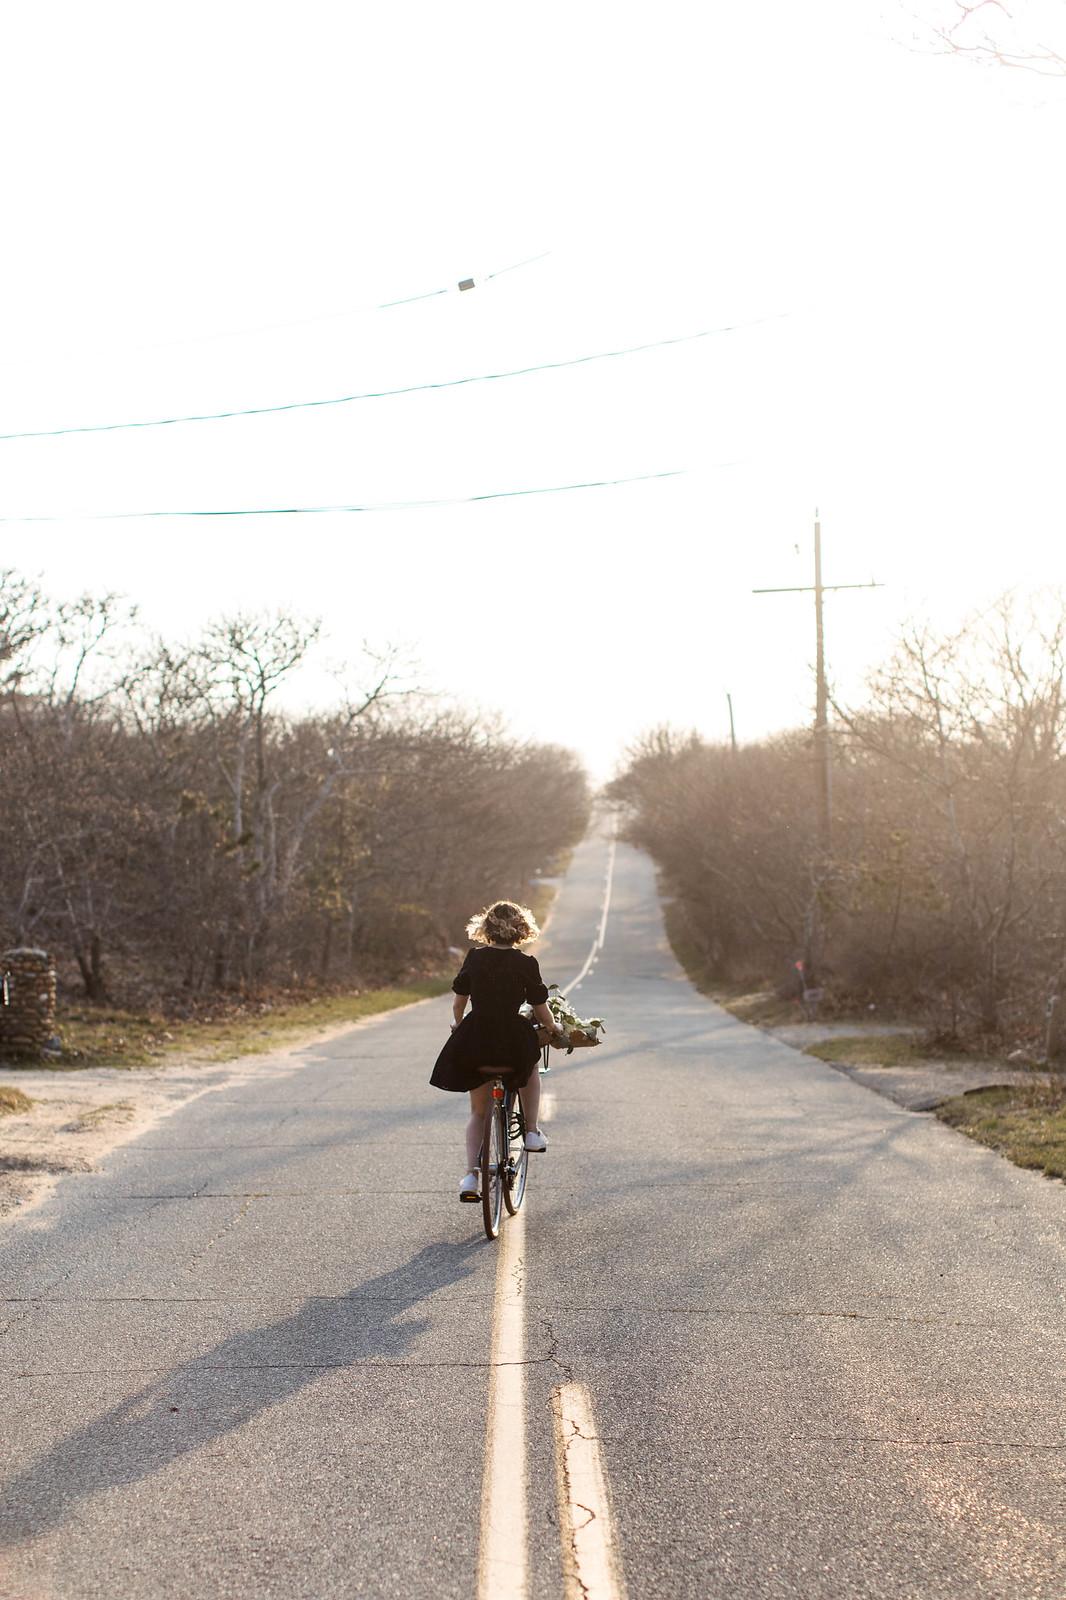 Biking through the vineyard on juliettelaura.blogspot.com